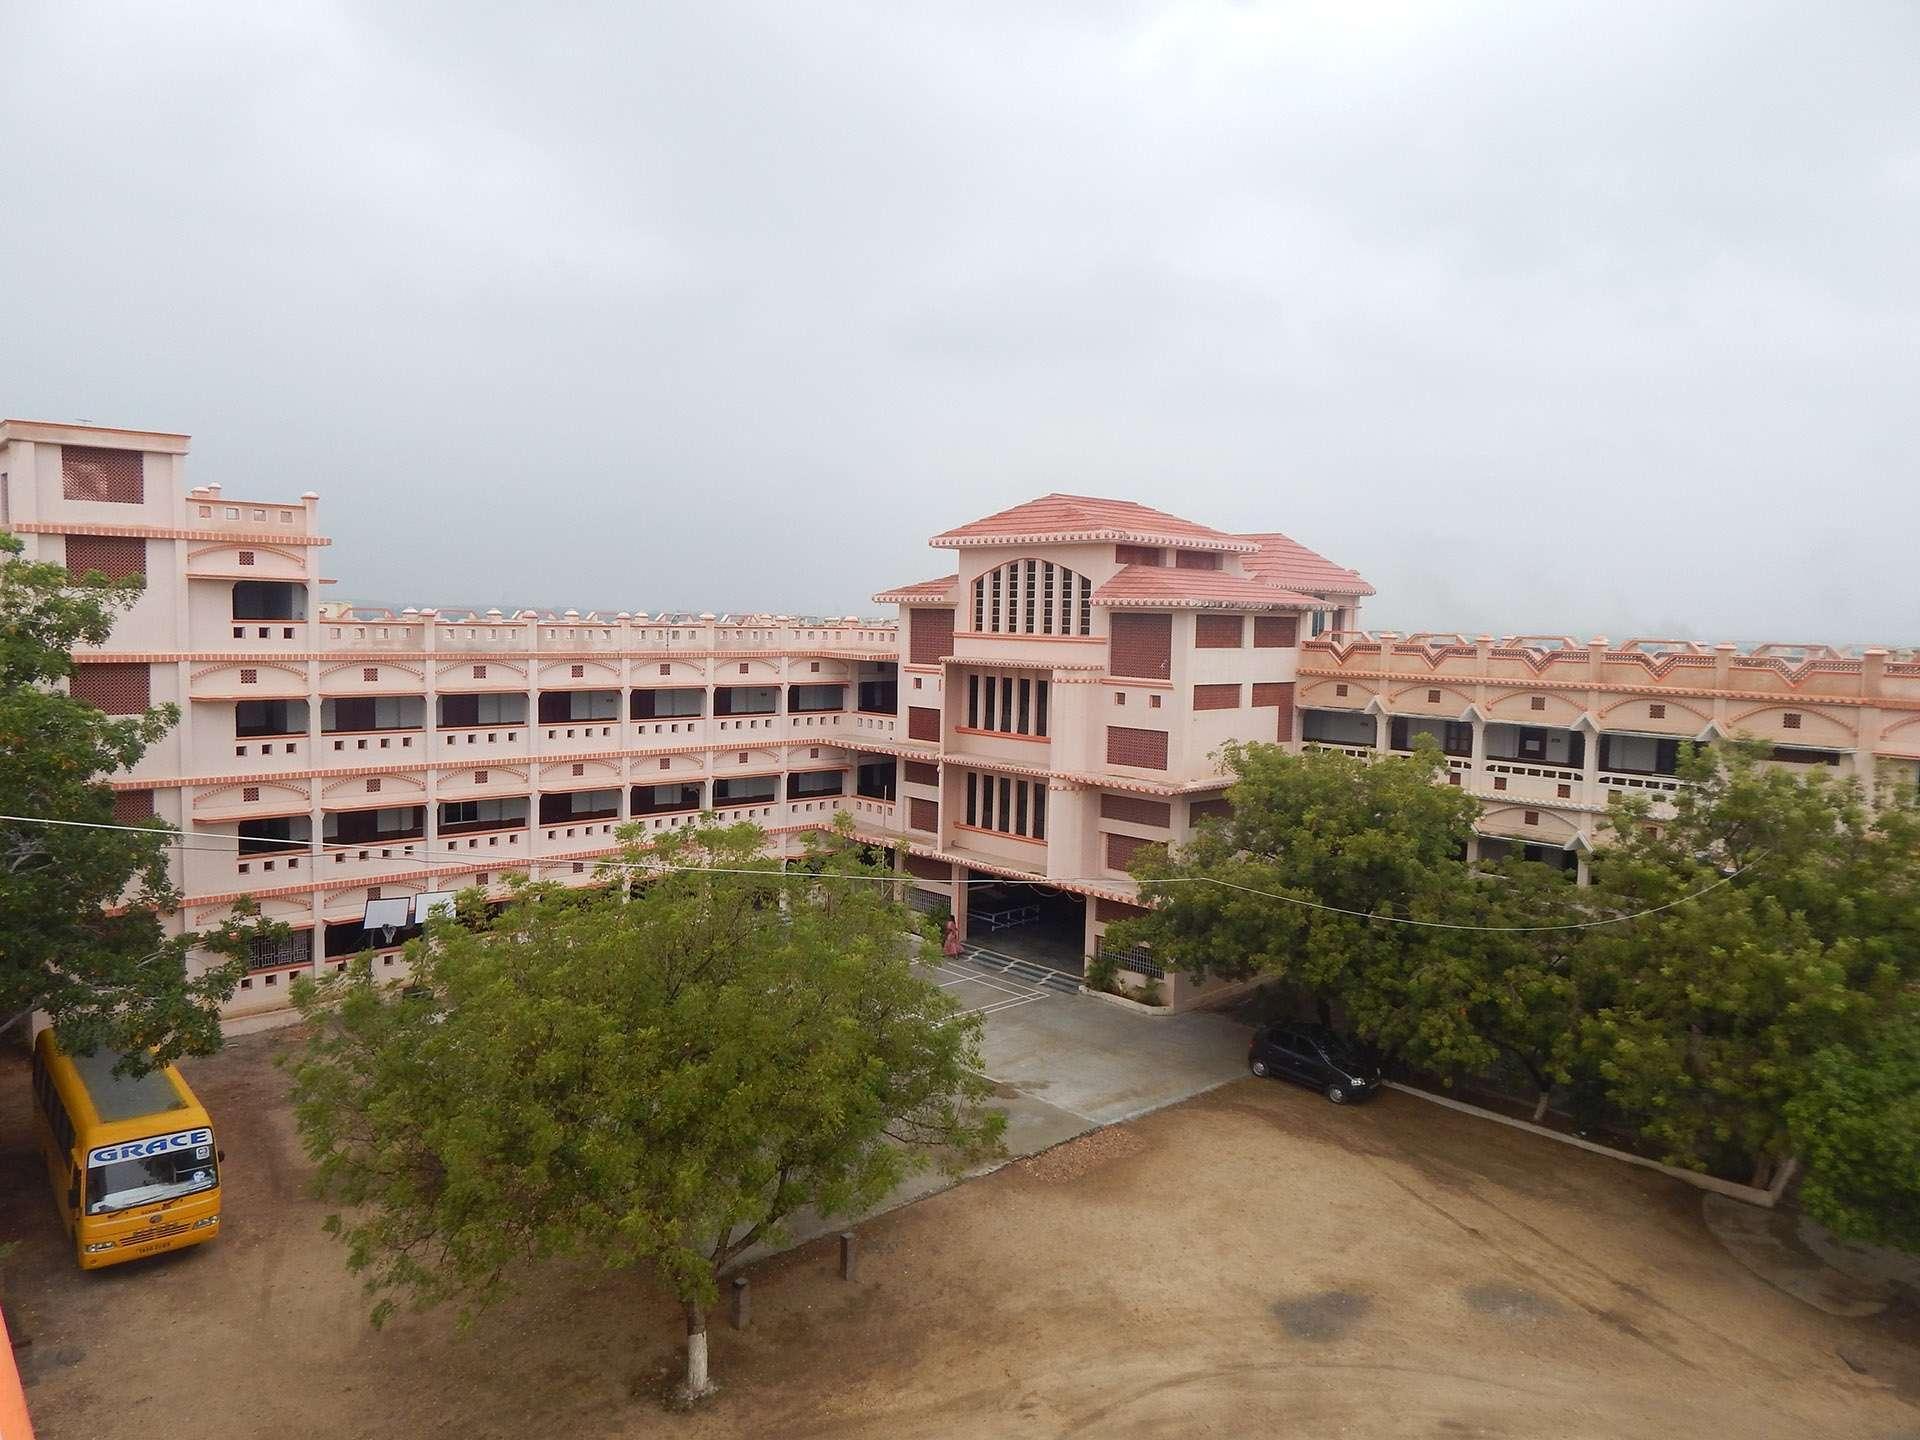 GRACE INTERNATIONAL SCHOOL 9 277 GRACE NAGAR BHAVANI KAVINDAPADI ROAD ELAVAMALAI POST ERODE 1930324